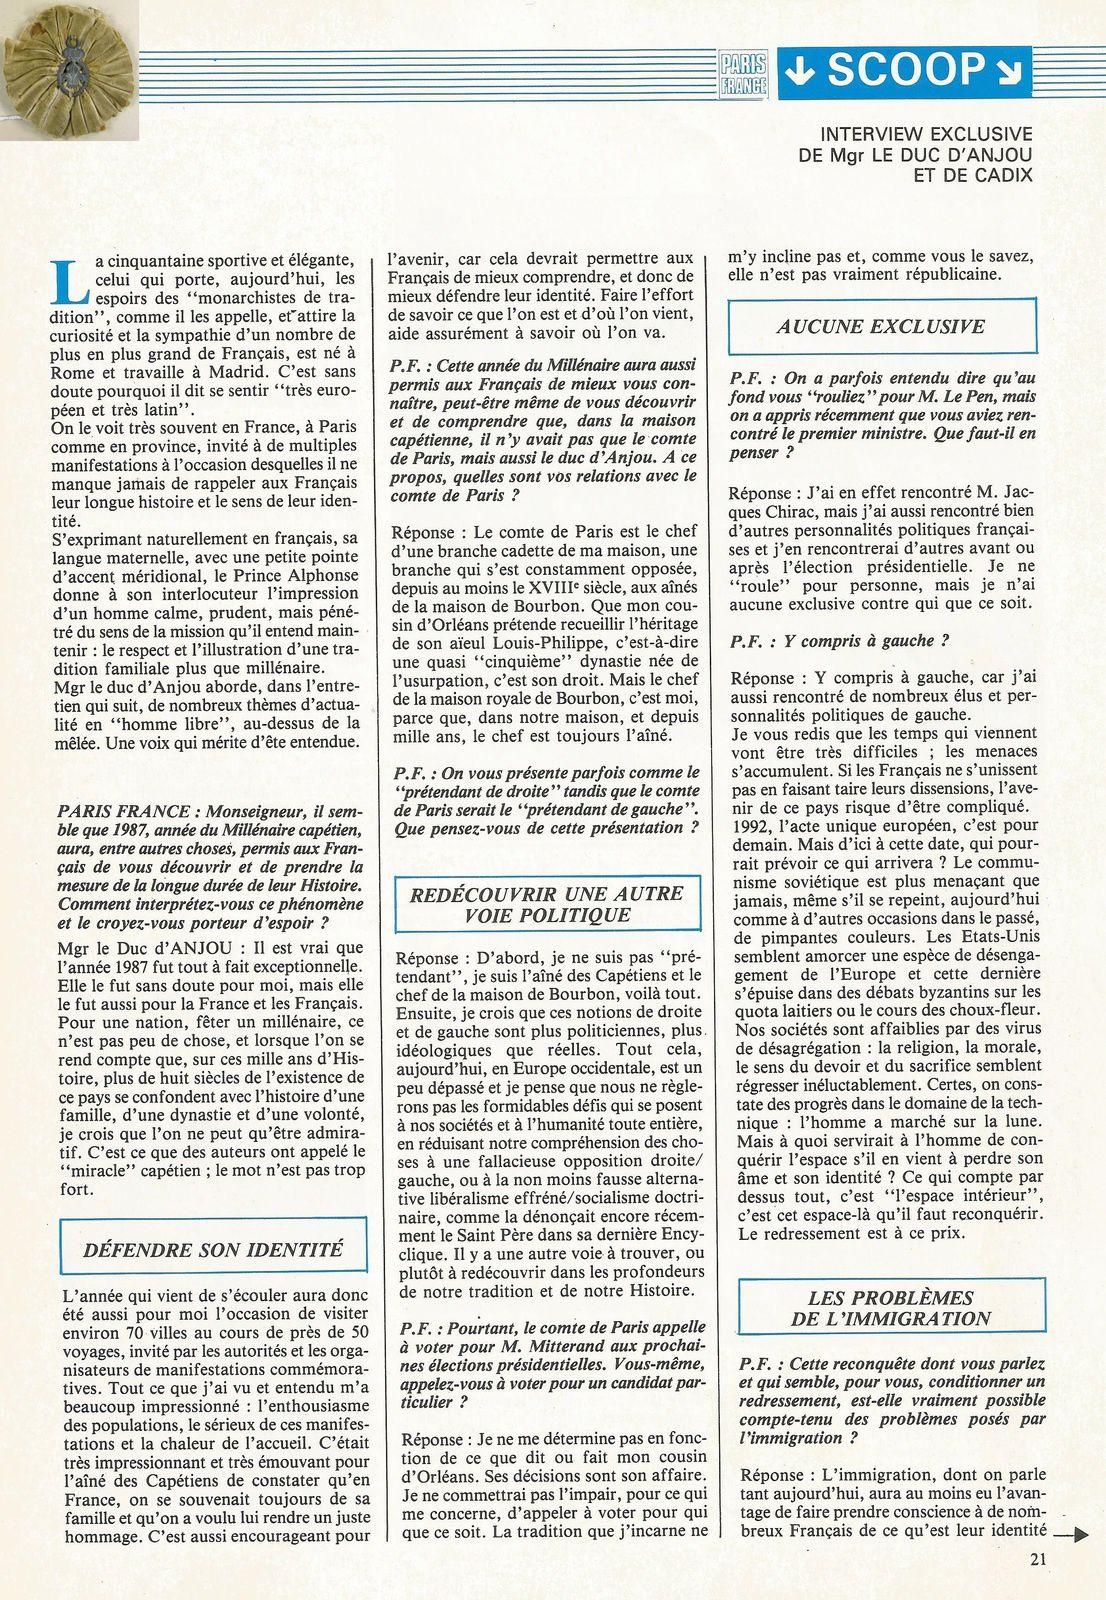 PARIS FRANCE - MARS-AVRIL 1988 (N° 3)